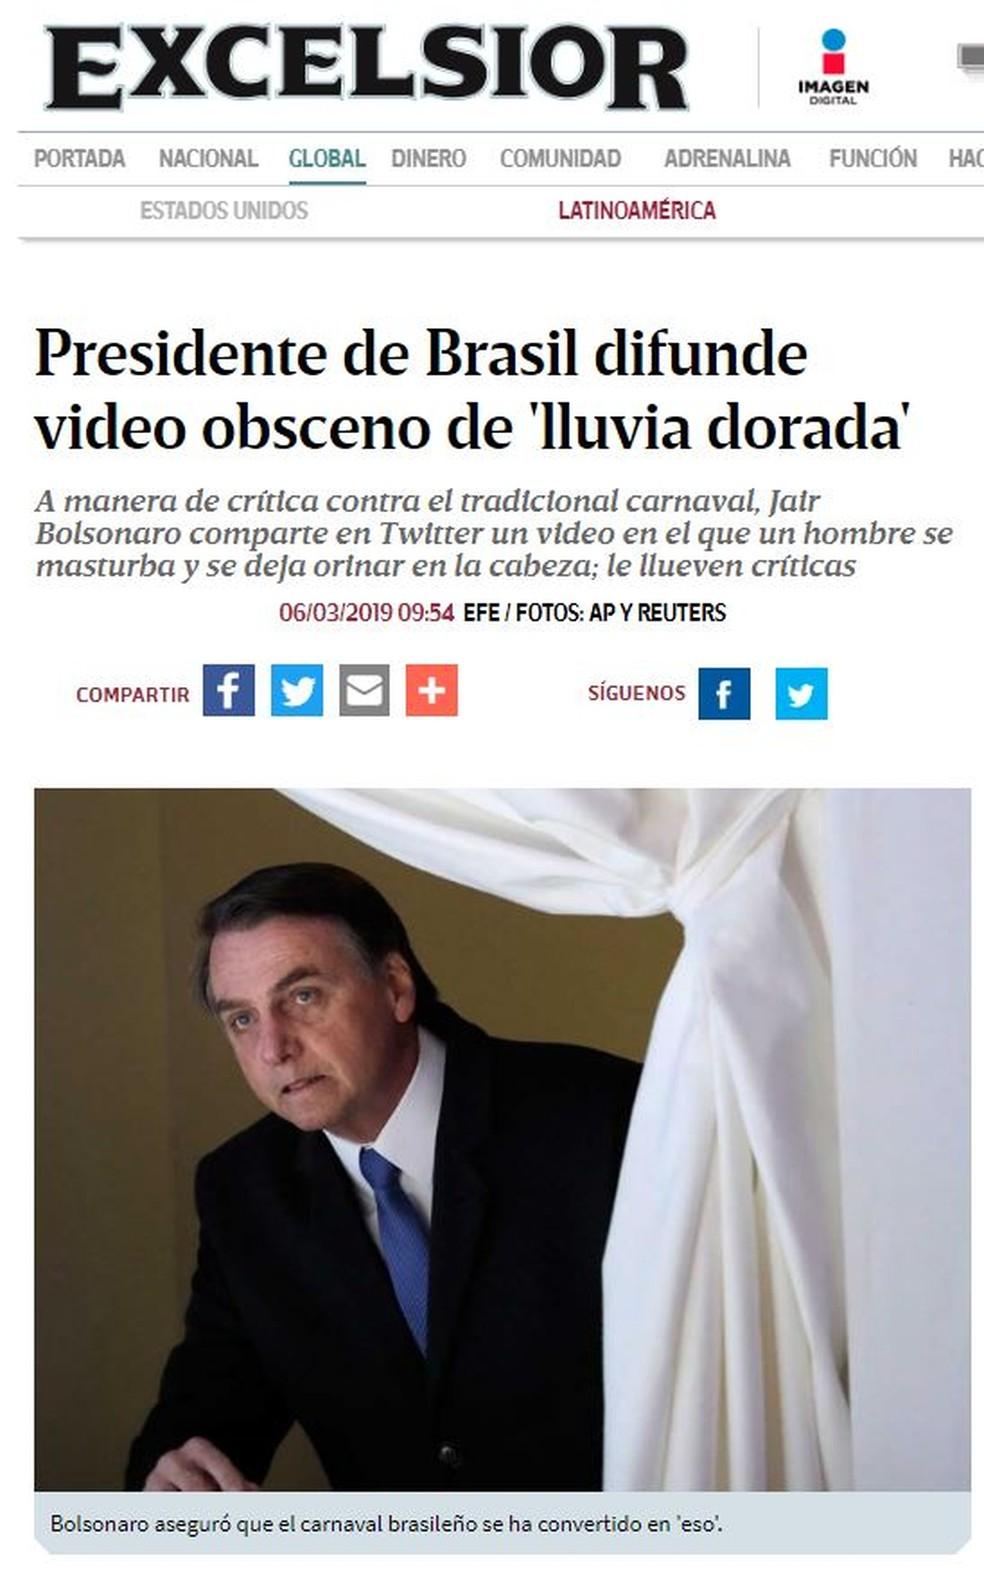 Jornal mexicano 'Excelsior' também noticiou o caso dos tuítes de Bolsonaro — Foto: Reprodução/El Excelsior